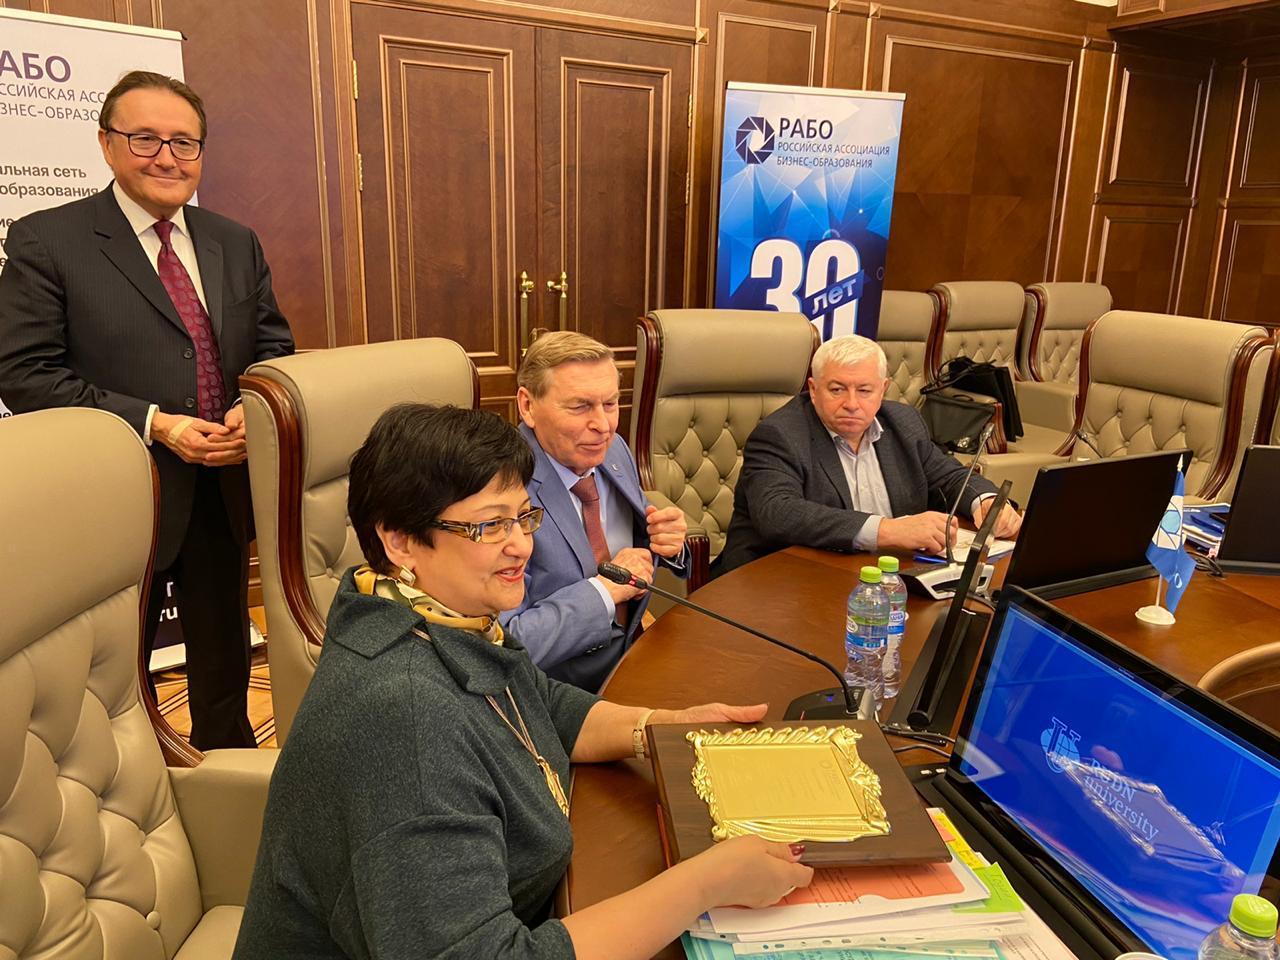 Заседание совета РАБО-2020 фото 10